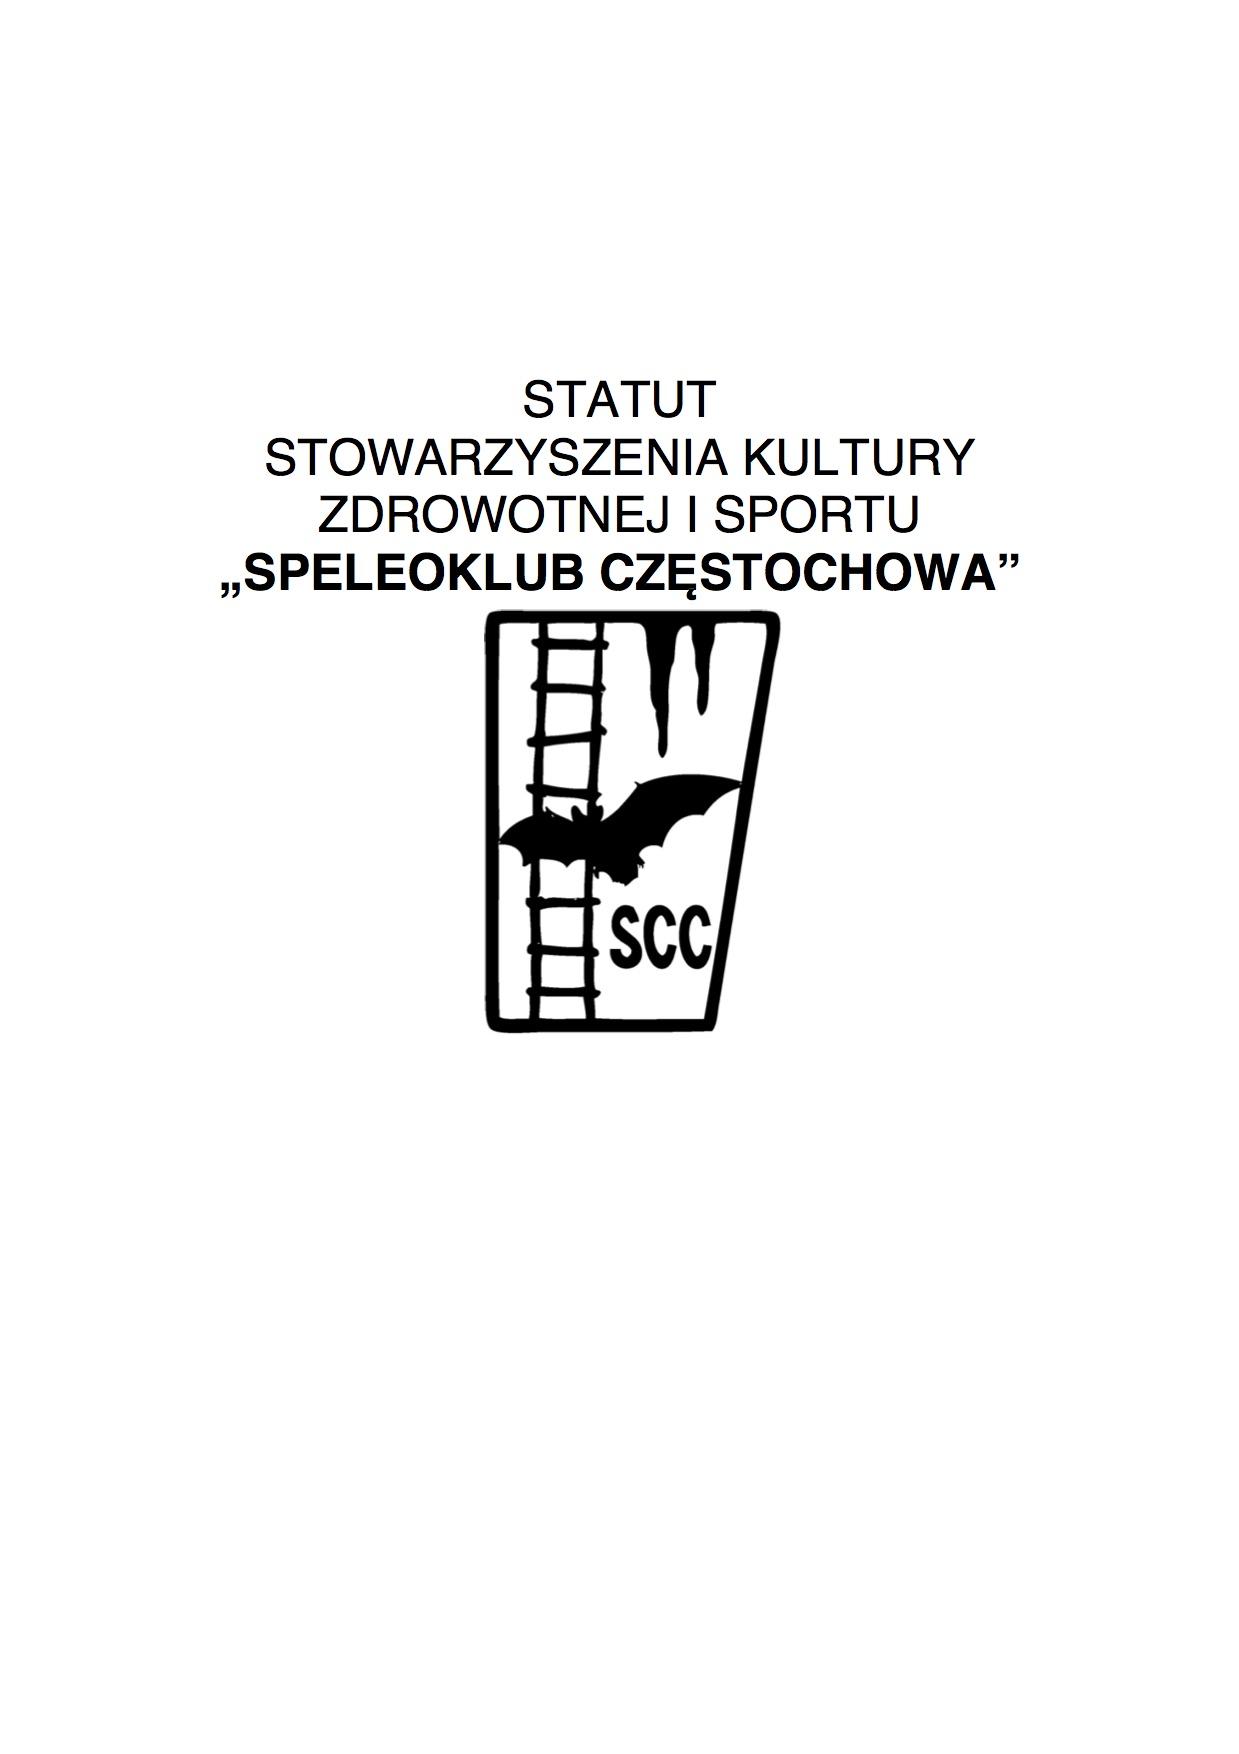 2016-02-14 Statut-2